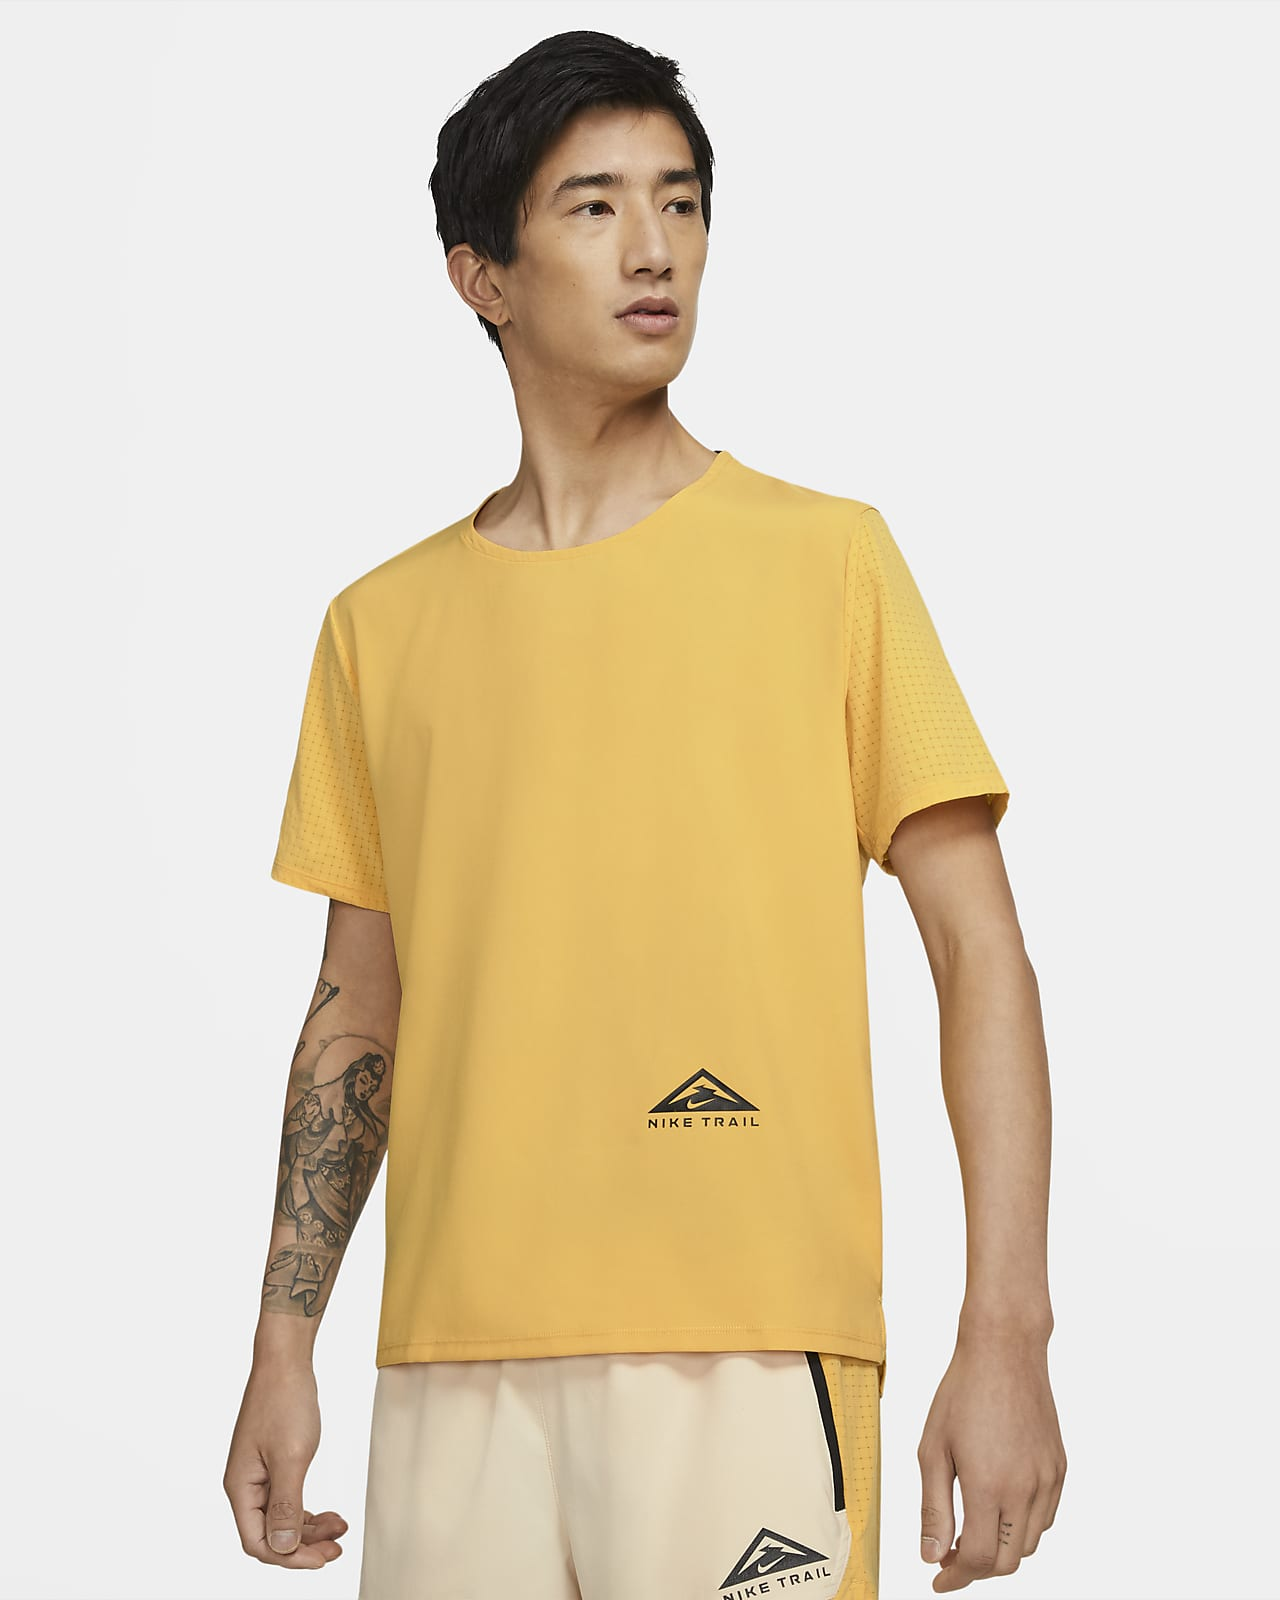 เสื้อวิ่งเทรลแขนสั้น Nike Dri-FIT Rise 365